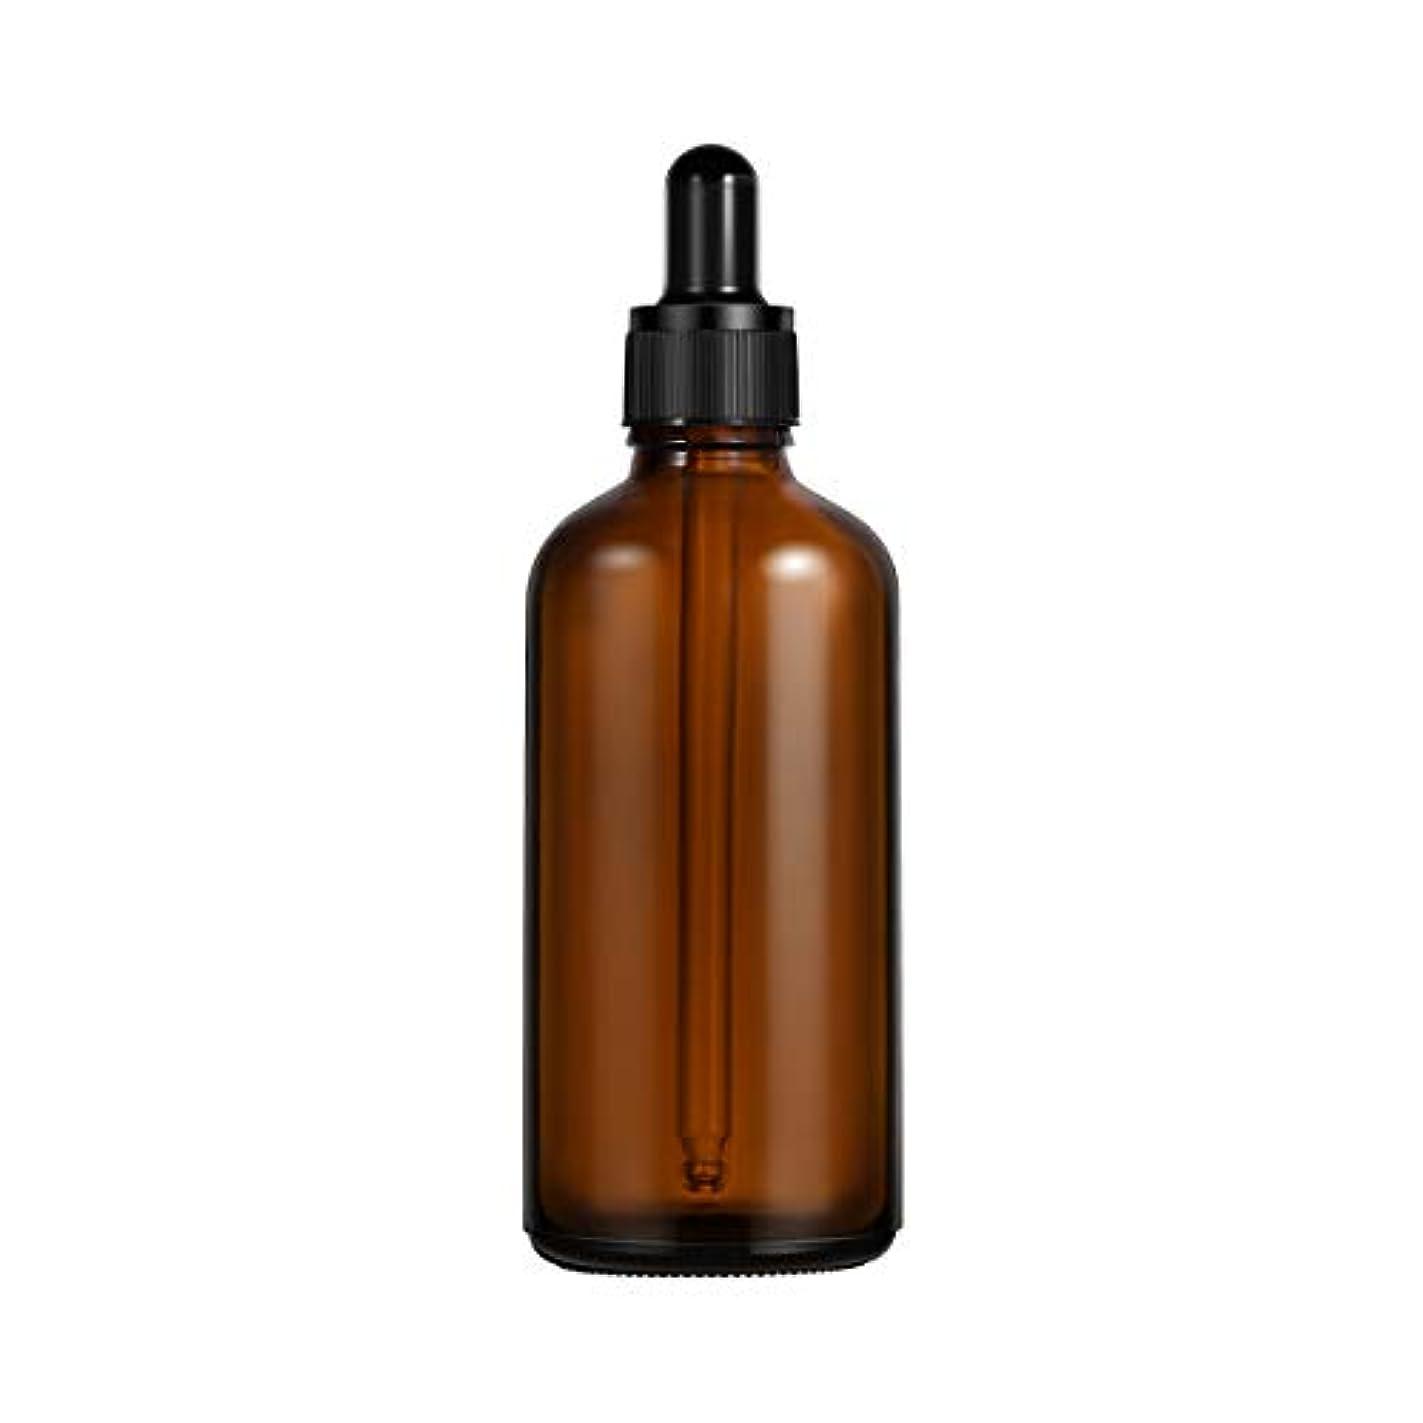 沈黙危険王室Frcolor 遮光瓶 スポイト遮光瓶 100ml スポイト付き ガラス製 アロマボトル 保存容器 エッセンシャルオイル 香水 保存/詰替え 2本入(茶色)